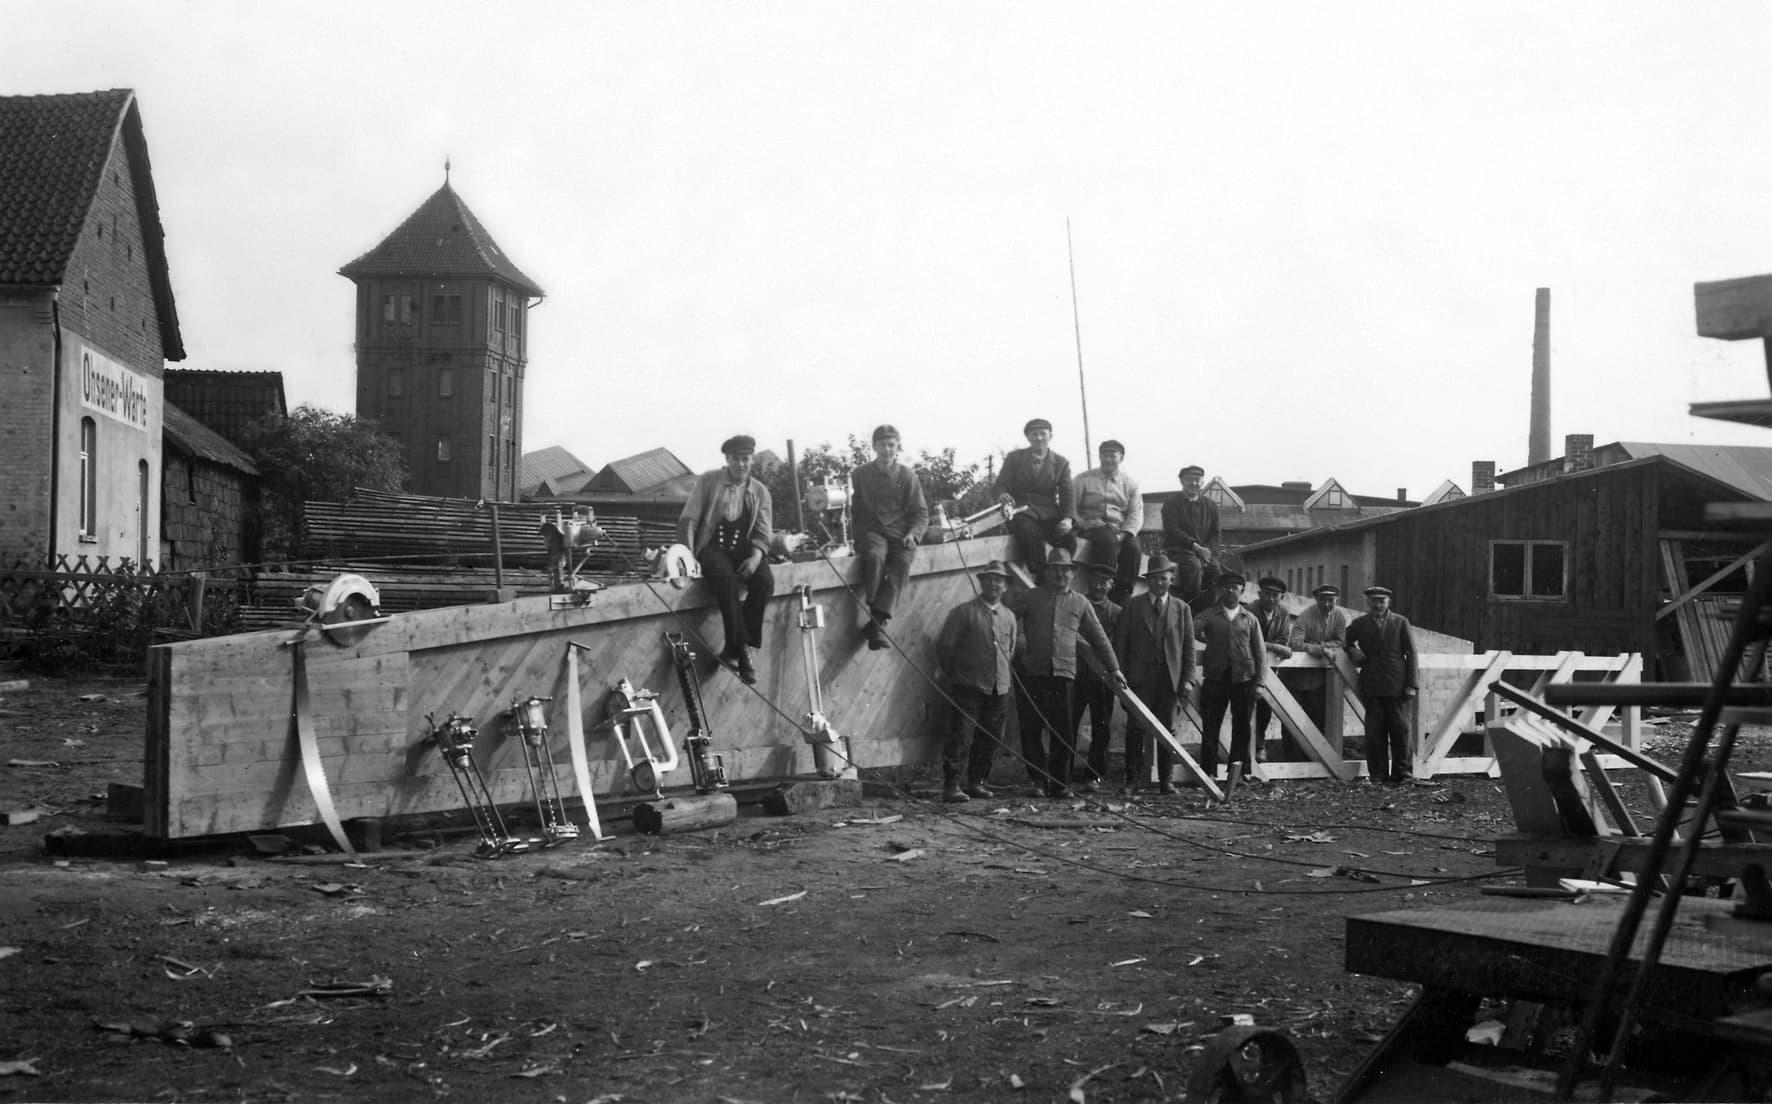 Das im Jahr 1903 gegründete Holzbau-Unternehmen leiten Otto, Stefanie und Markus Baukmeier heute in der dritten bzw. vierten Generation generationsübergreifend.